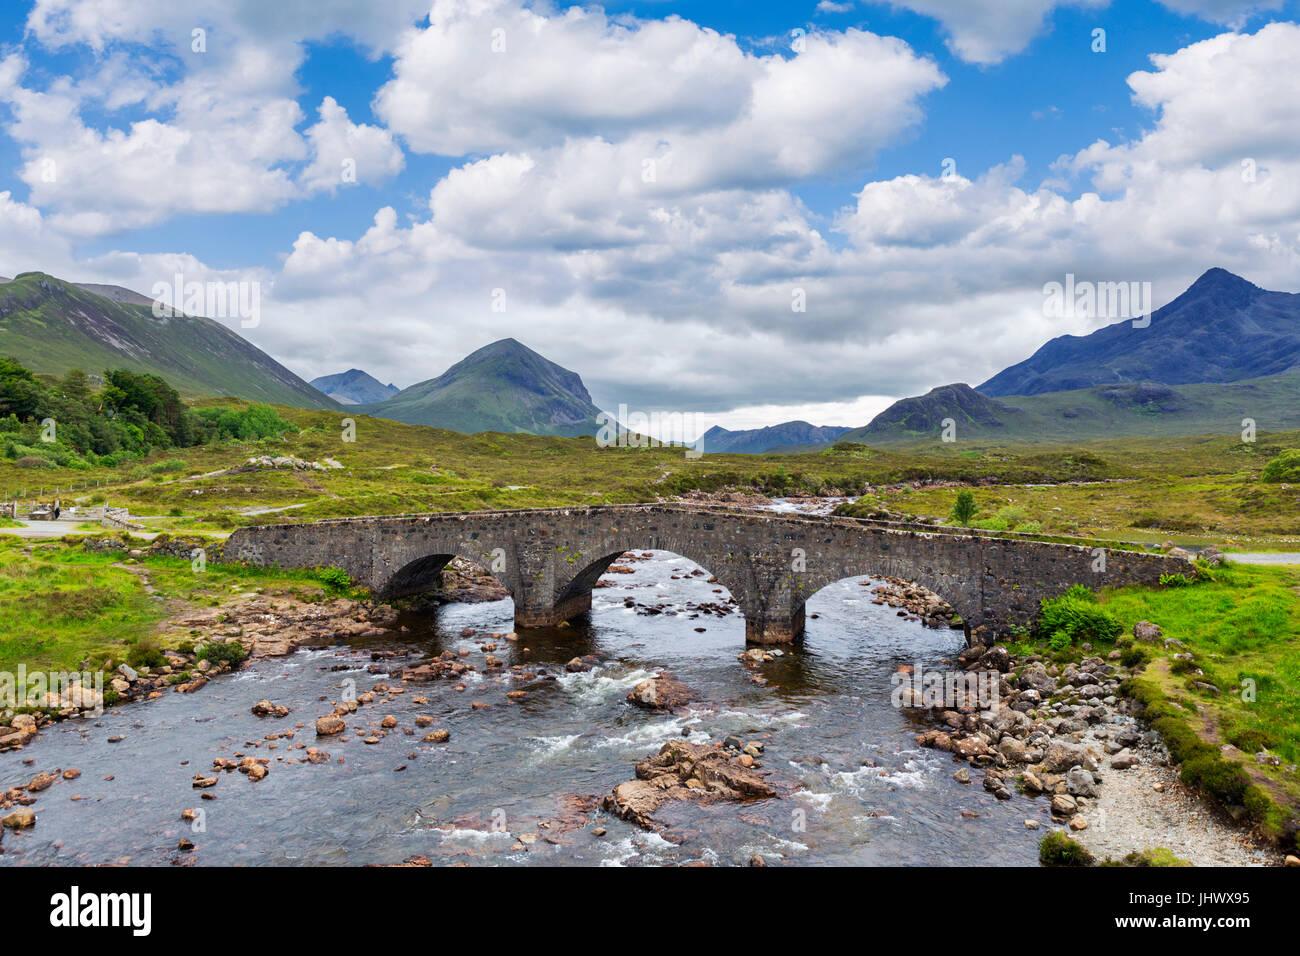 Sligachan Ponte Vecchio che guarda verso la montagna Cuillin Range, Isola di Skye, Highland, Scotland, Regno Unito Immagini Stock